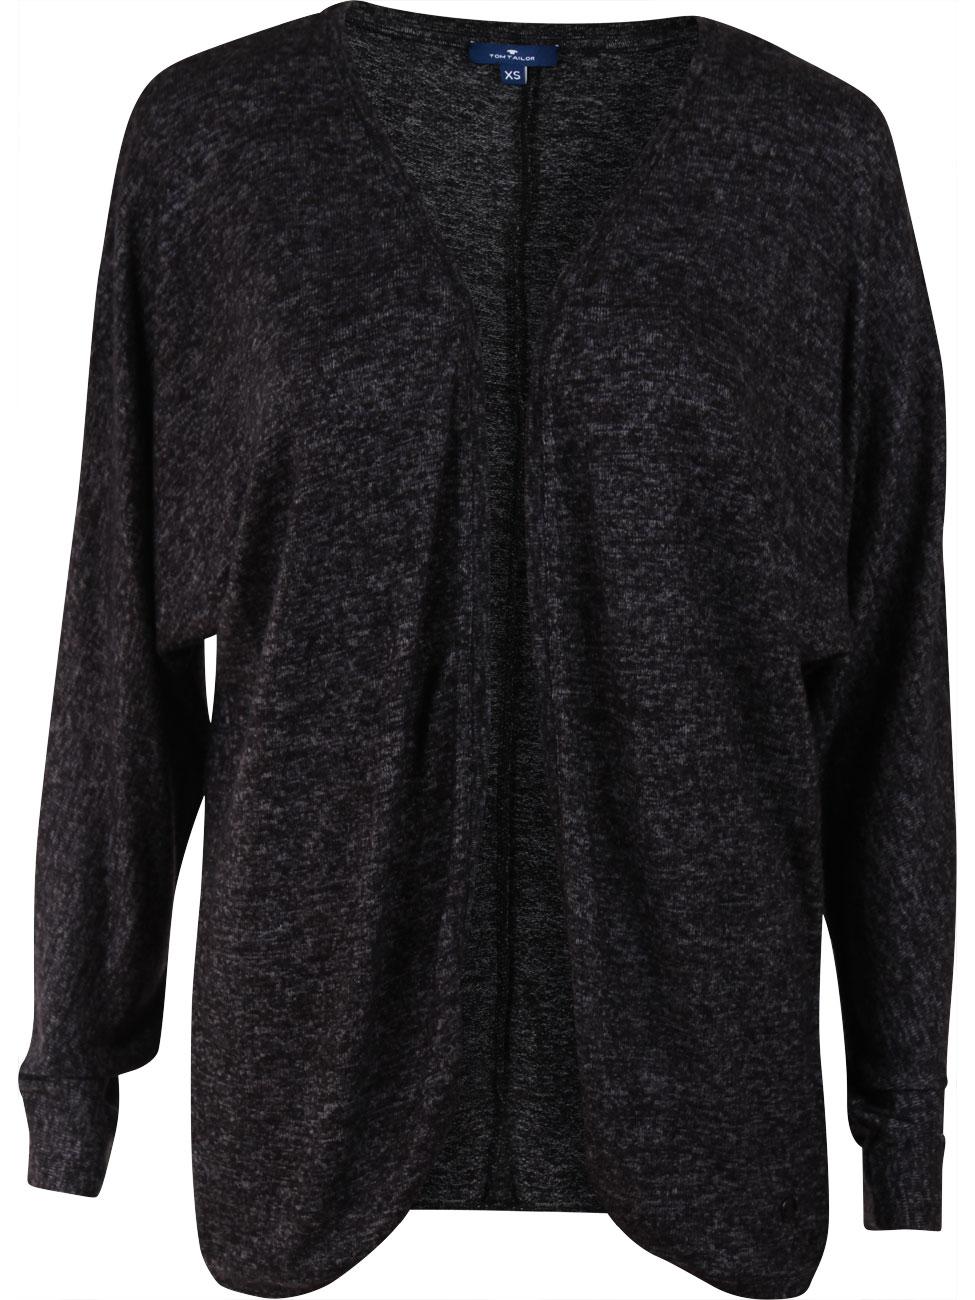 tom tailor damen strickjacke in melange optik kaufen jeans direct de. Black Bedroom Furniture Sets. Home Design Ideas